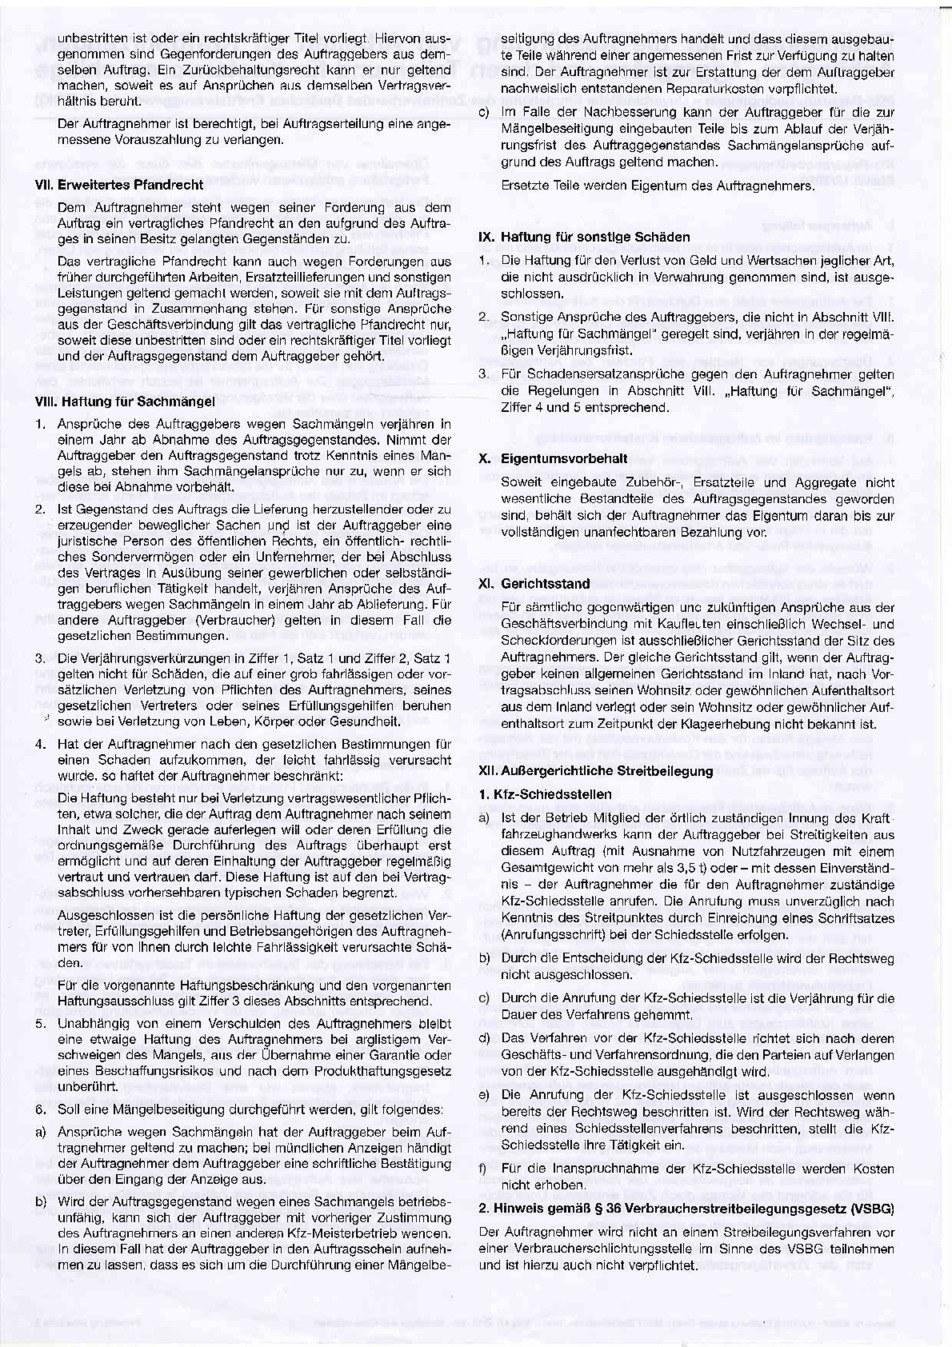 Kfz Reparaturbedingungen Seite 2 von 2